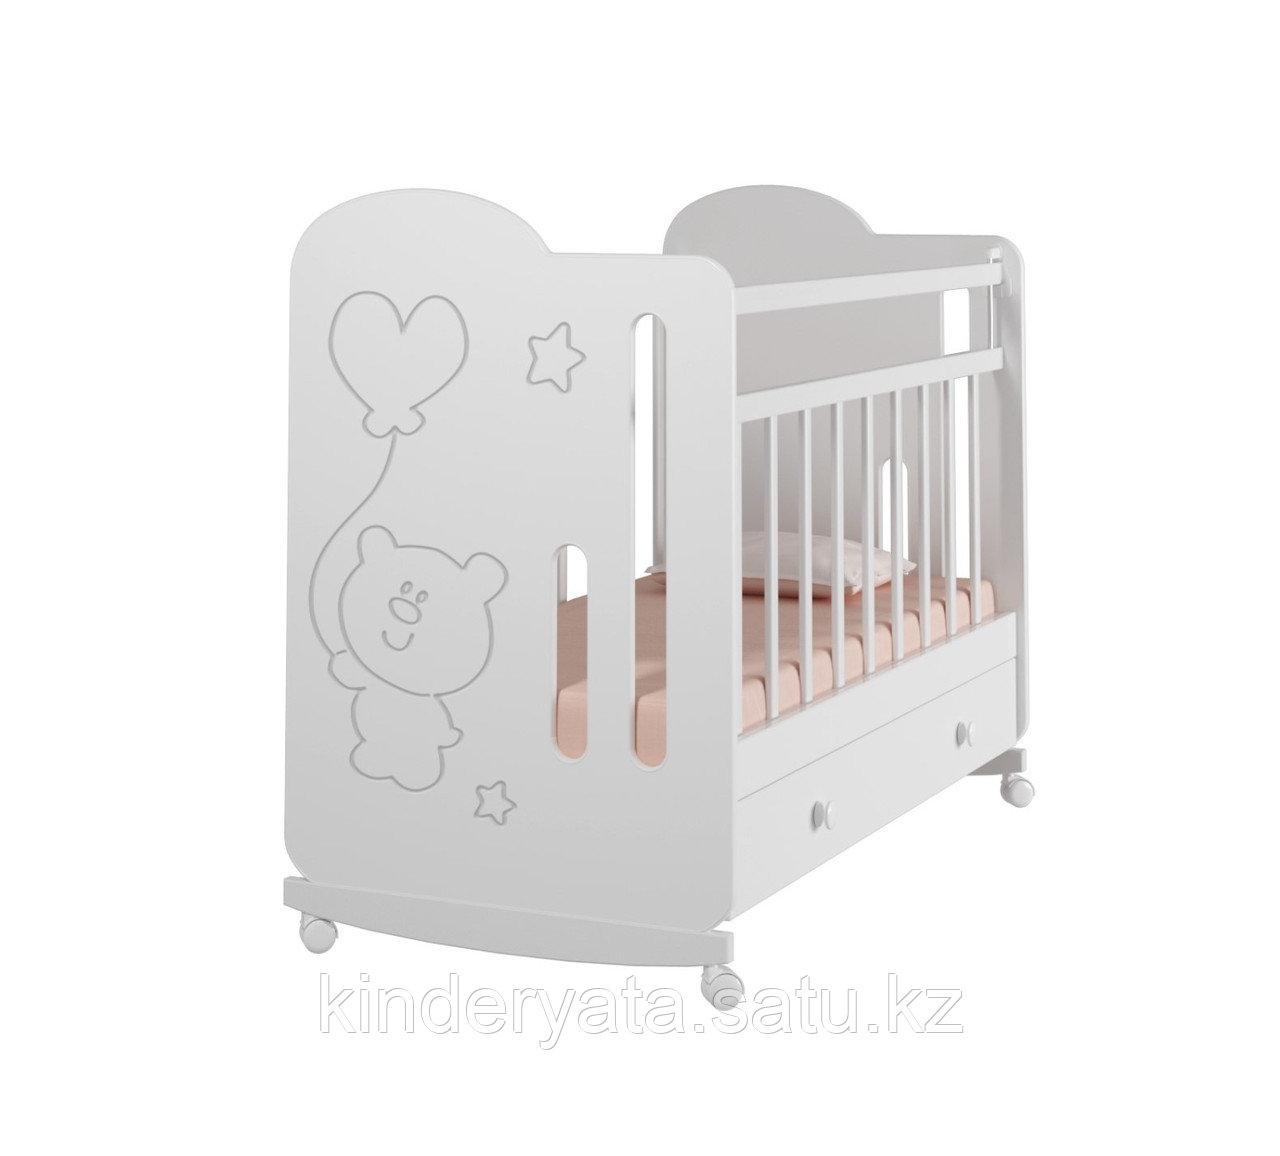 Детская кроватка ВДК Sweet Bear с маятником, с колесом